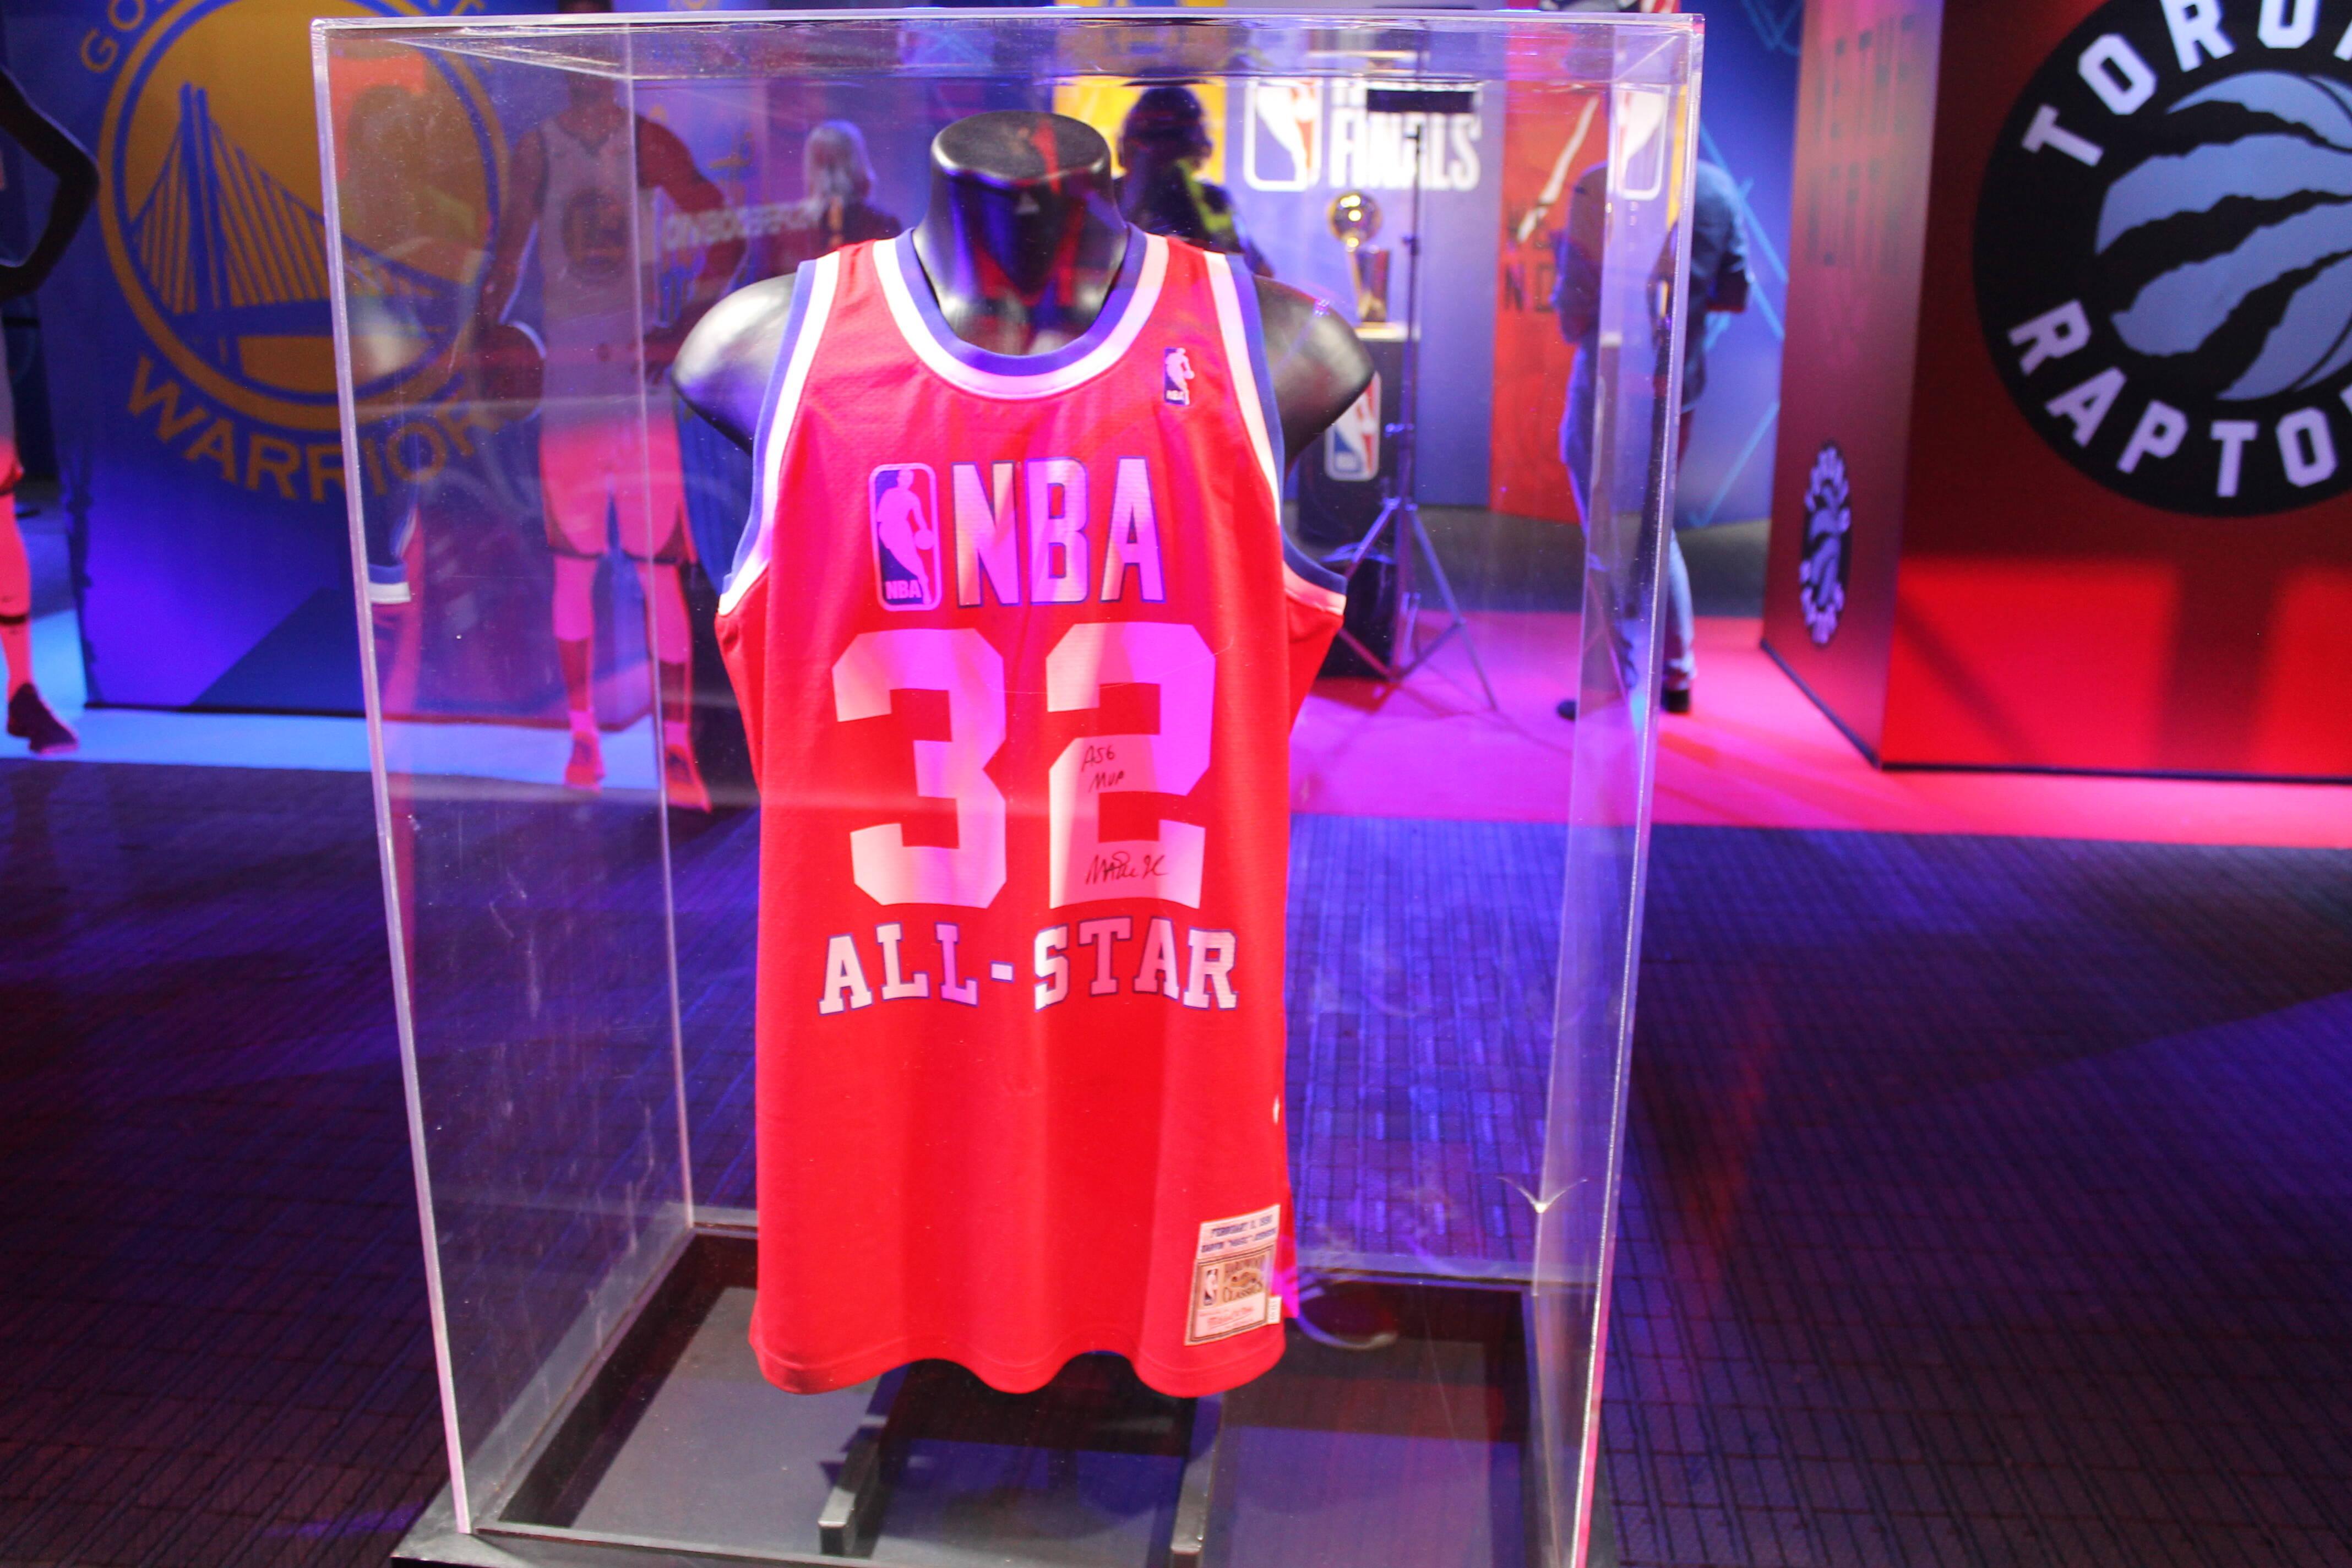 Camisa que Magic Johnson usou no All-Star de 1990. Foto: Flavia Matos/ IG